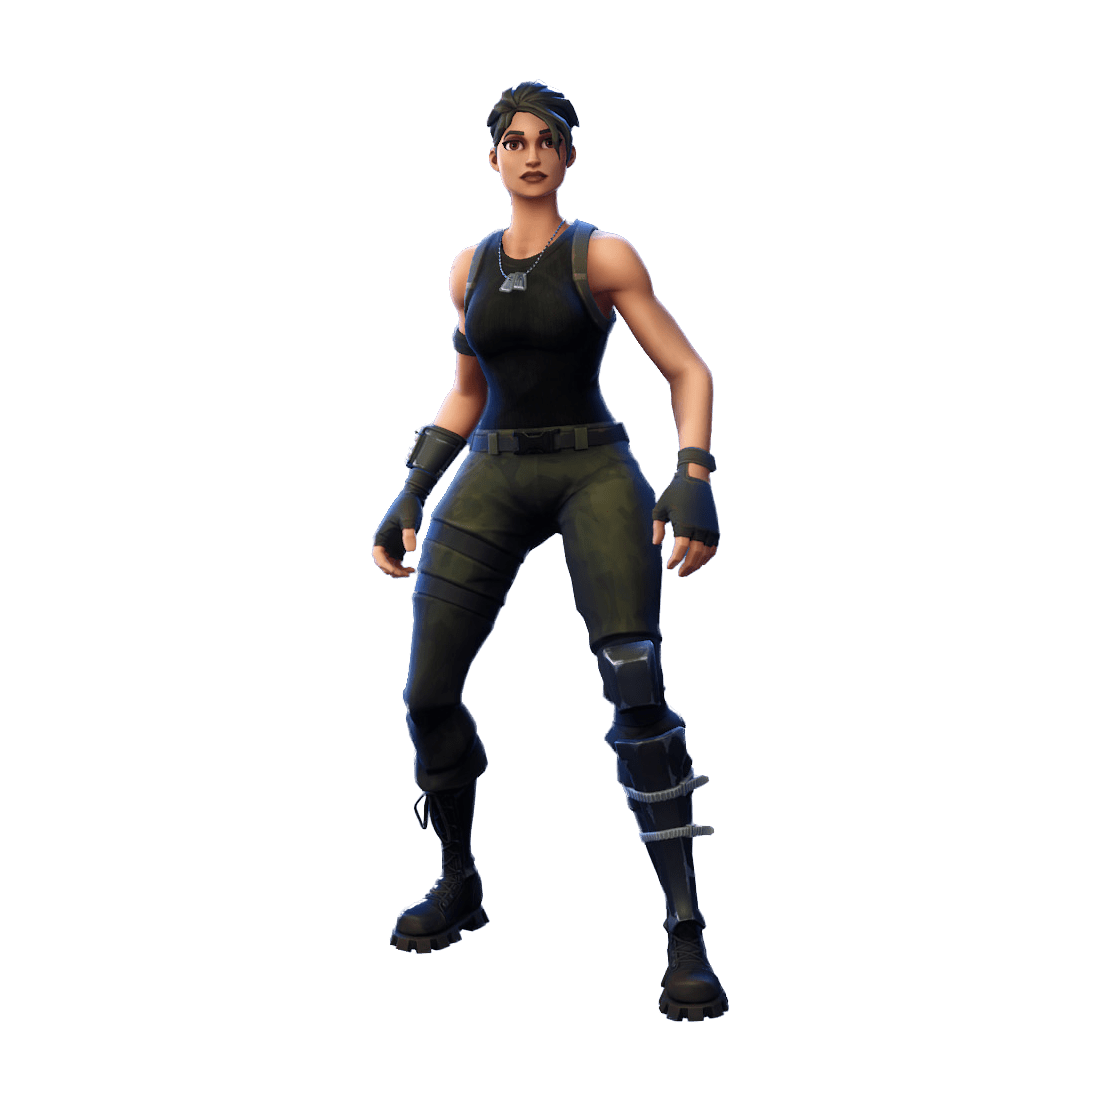 Fortnite Commando Skin.